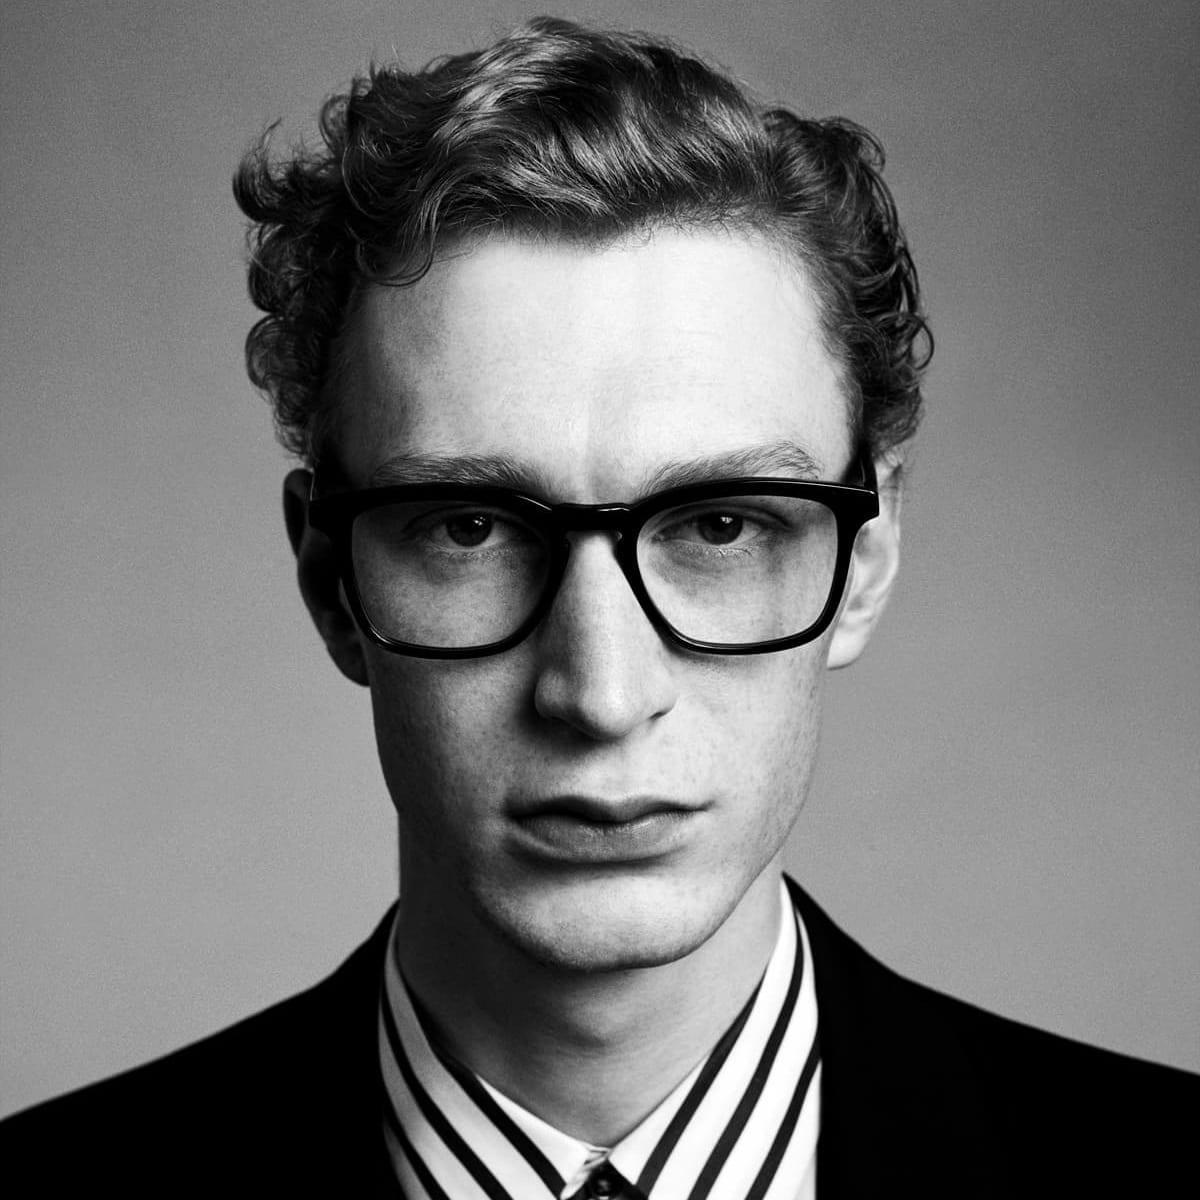 paul-smith-eyewear-glasses-stockist-opticians-west-midlands-shropshire-05